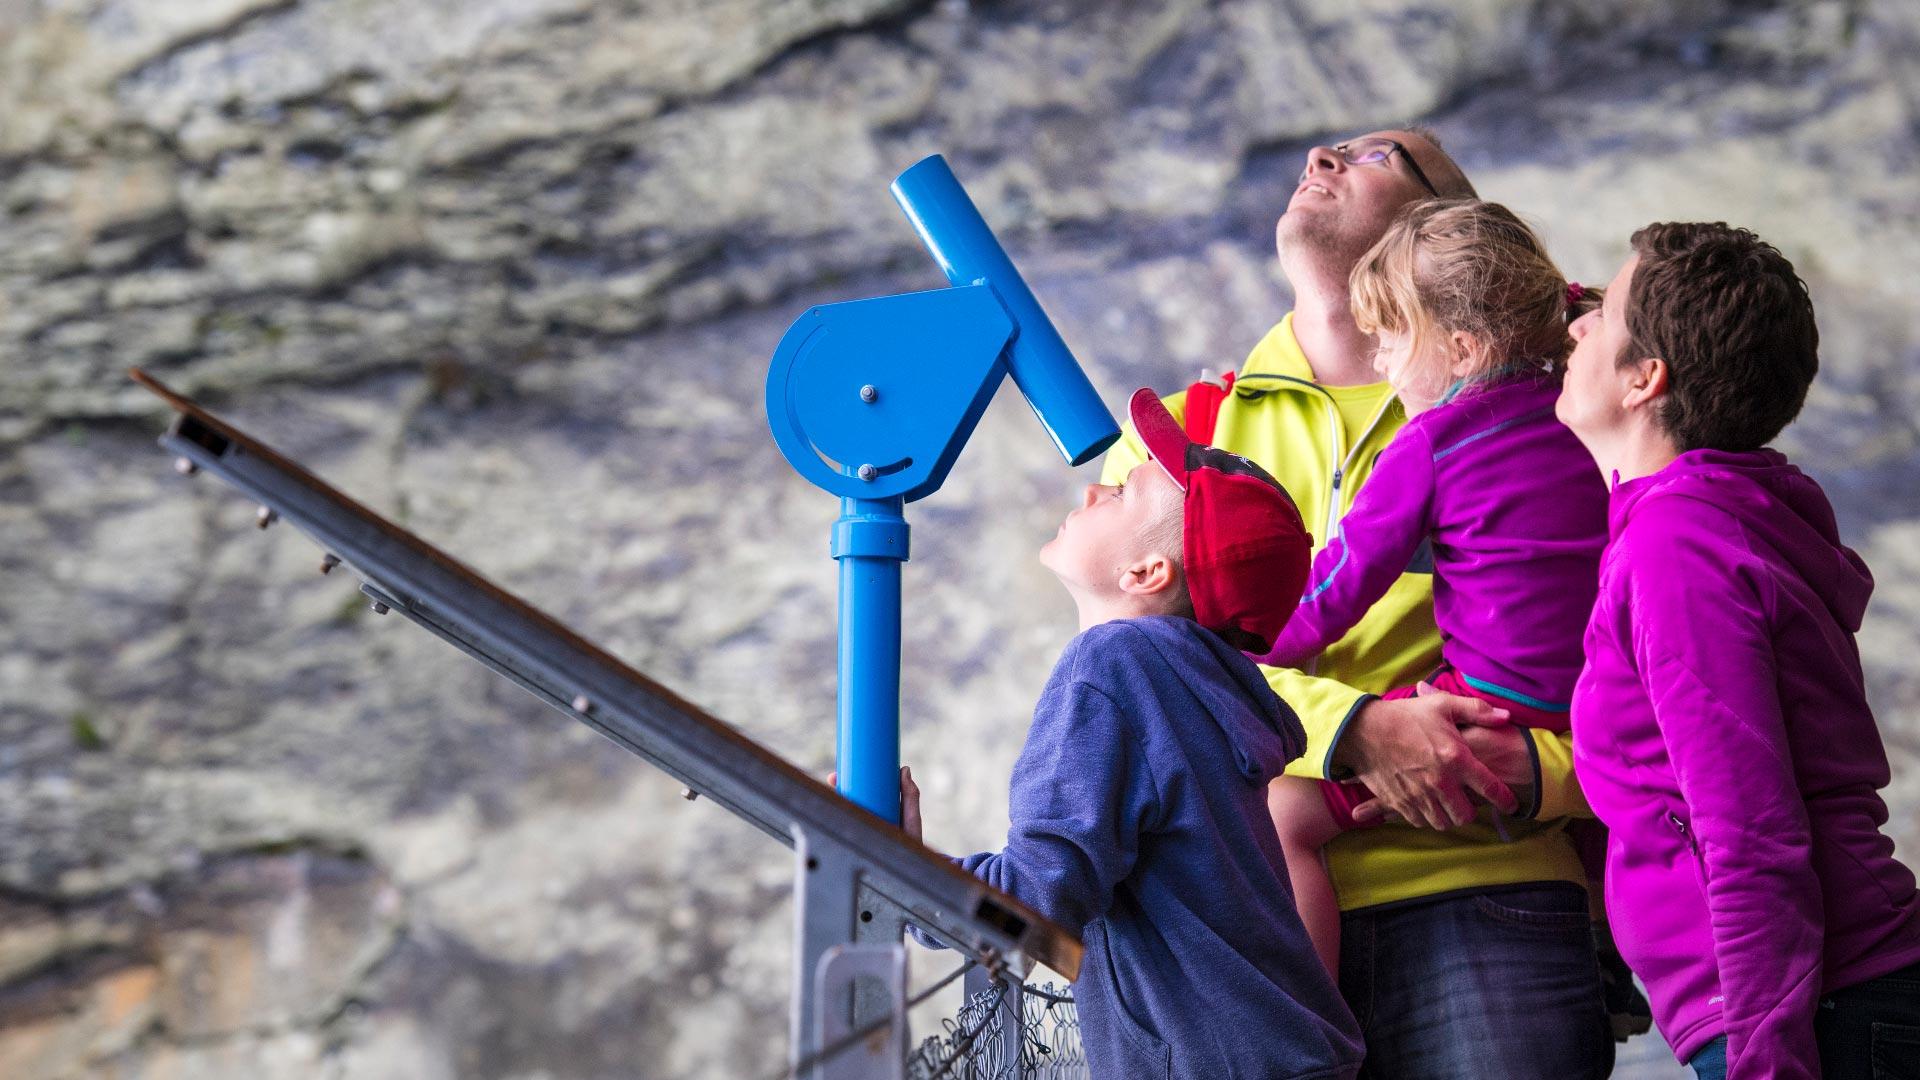 gletscherschlucht-grindelwald-familie-staunen-geologie